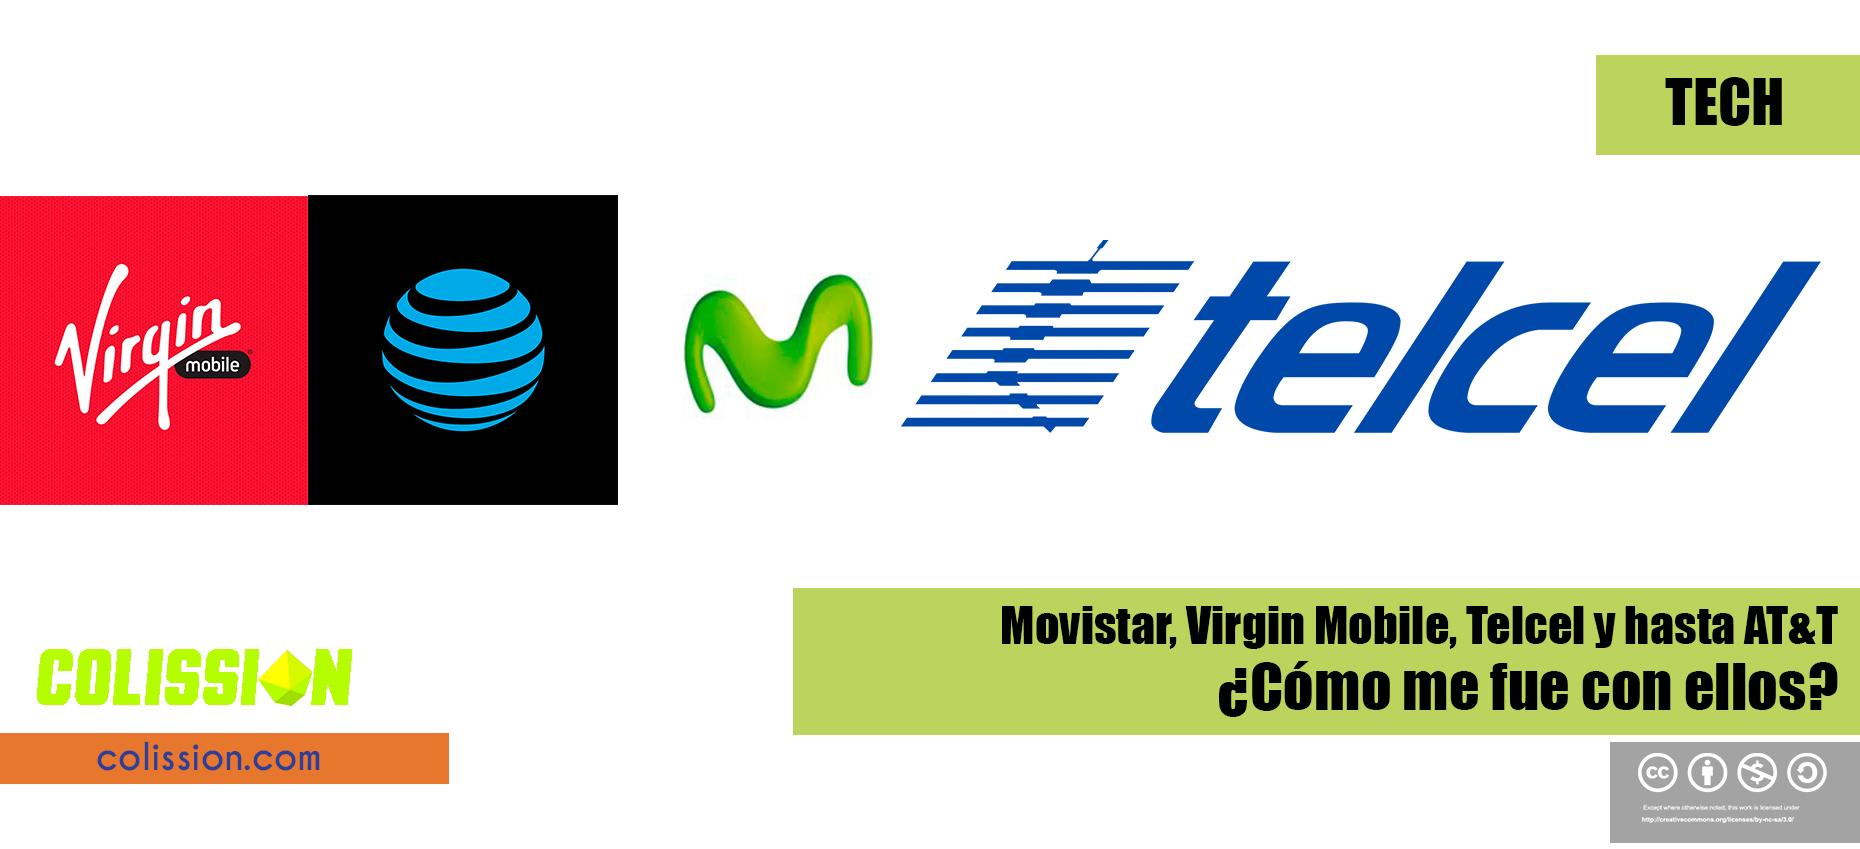 Comparativa Telcel, Virgin Mobile, AT&T y Movistar